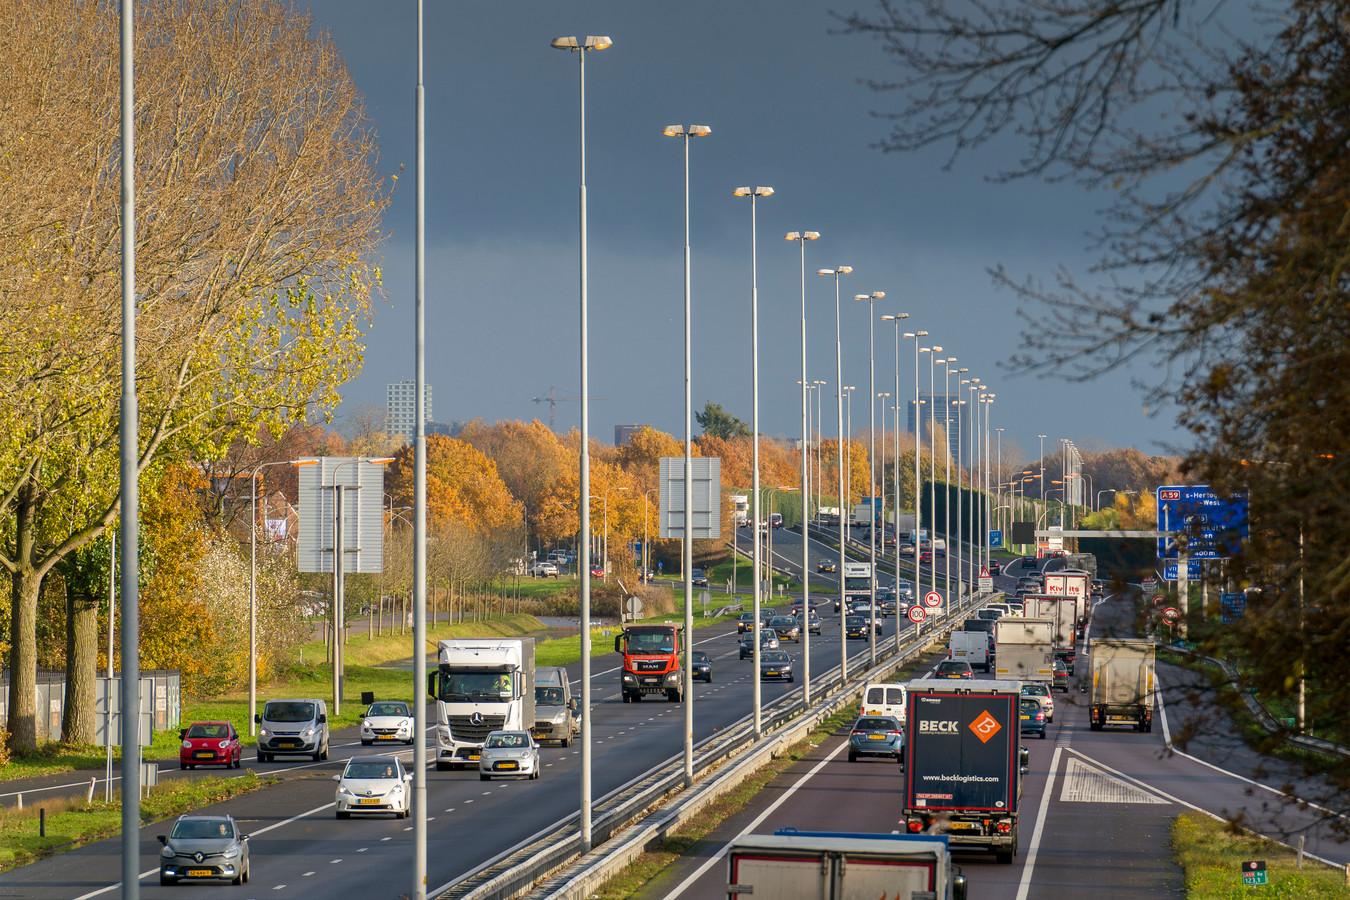 De verlichting op de A59, vanaf het Ei van Drunen tot aam Vlijmen/Nieuwkuijk brandt al vele maanden lang, 24 uur per dag. Voor het einde van het jaar moet de storing in een schakelkast zijn verholpen, waardoor de verlichting niet óf permanent aan, óf permanent uit moet.